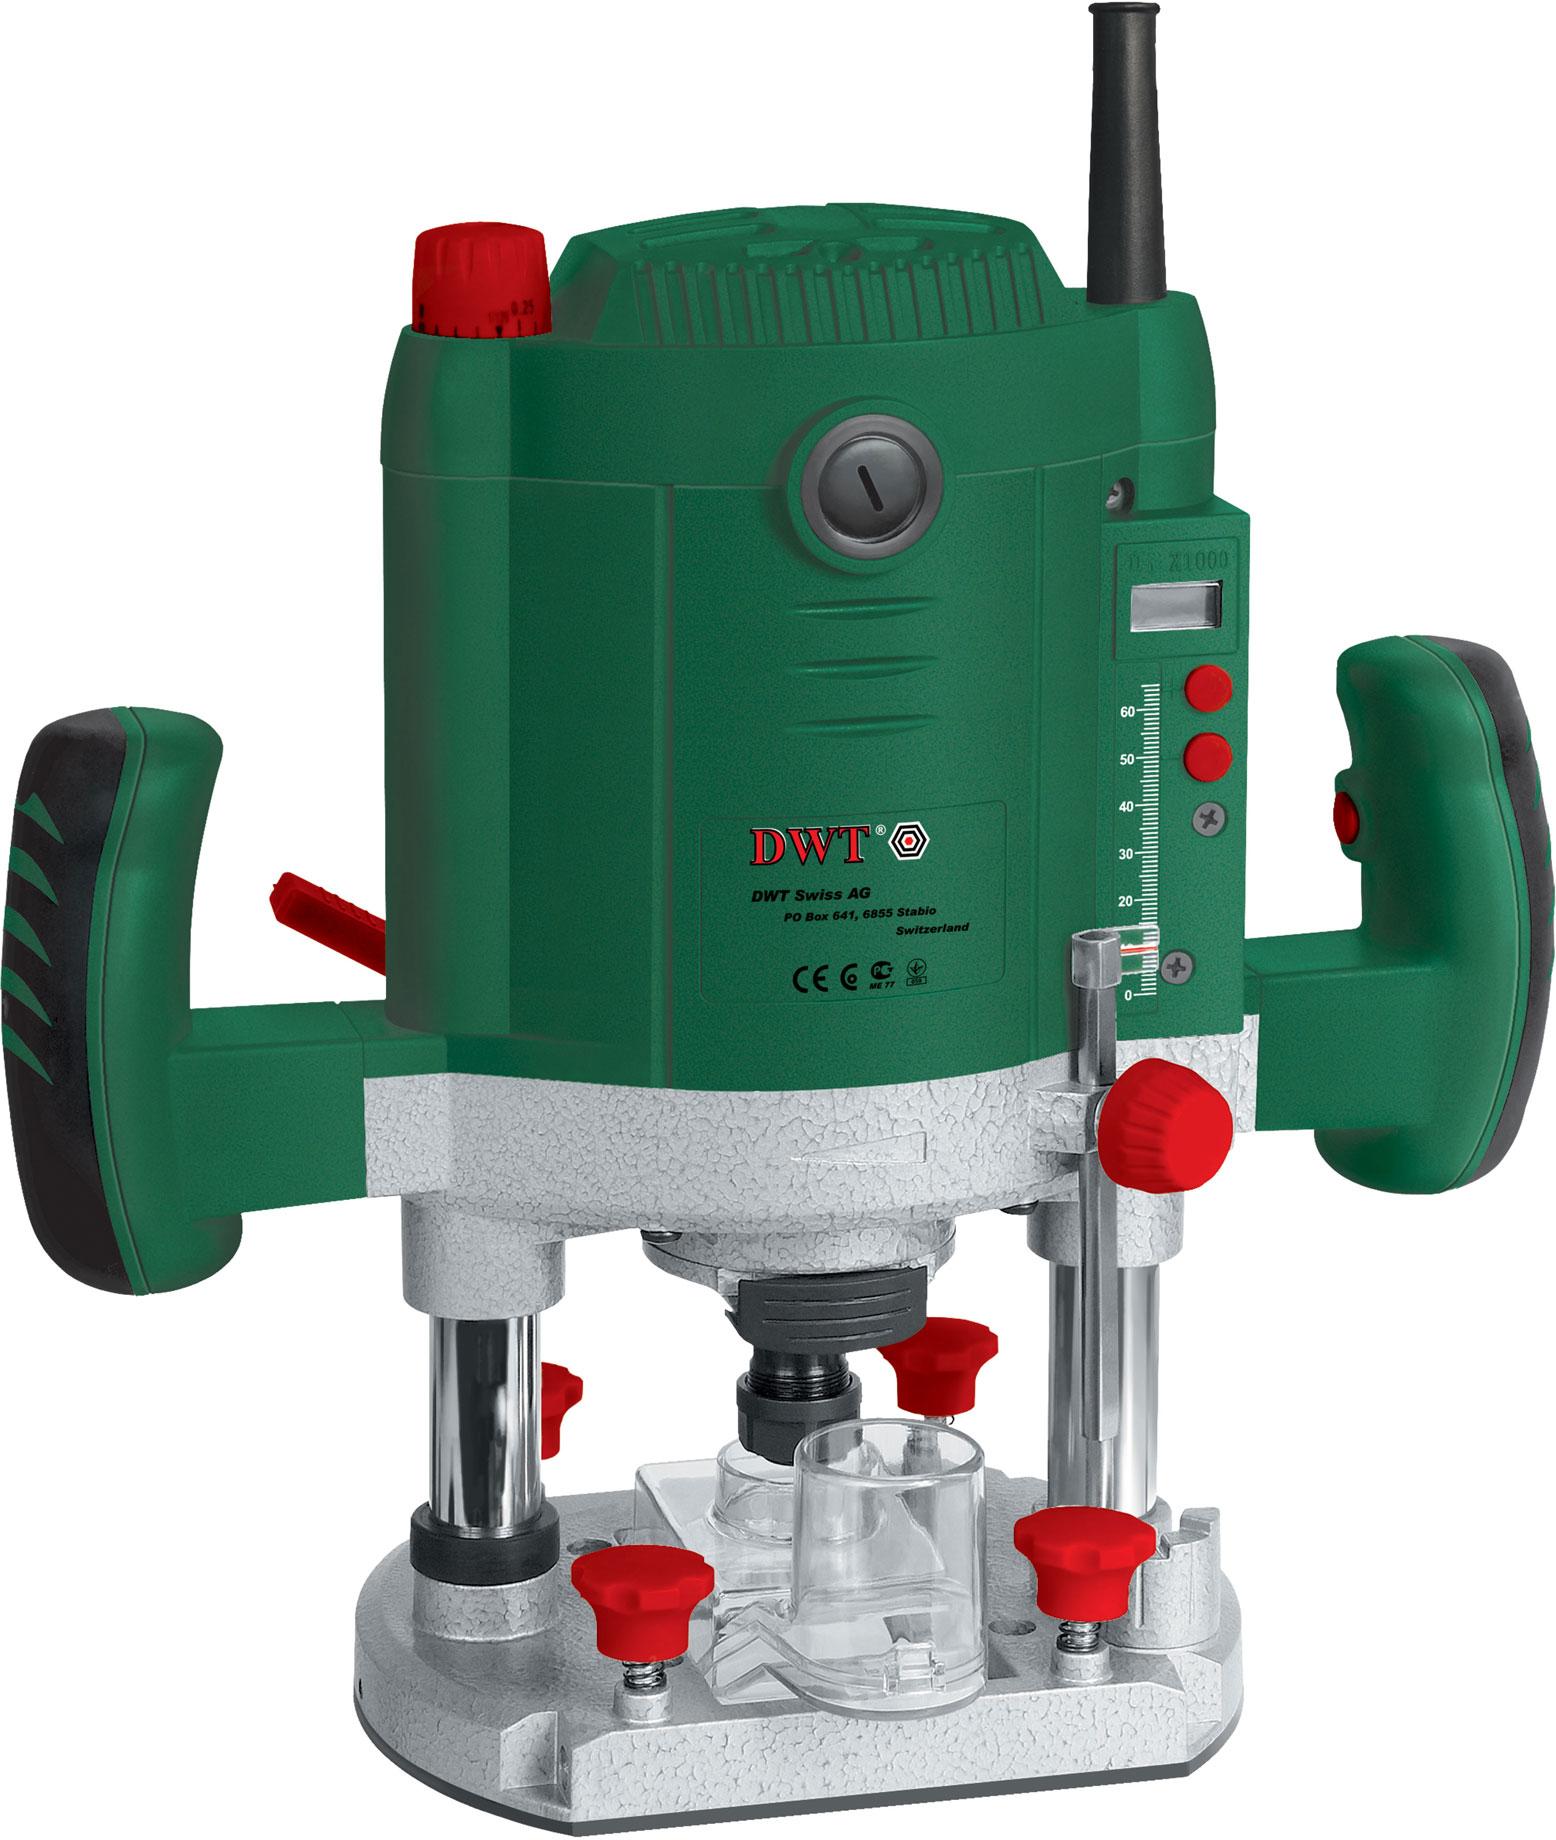 Фрезер DWT OF-2100 VE (Green)